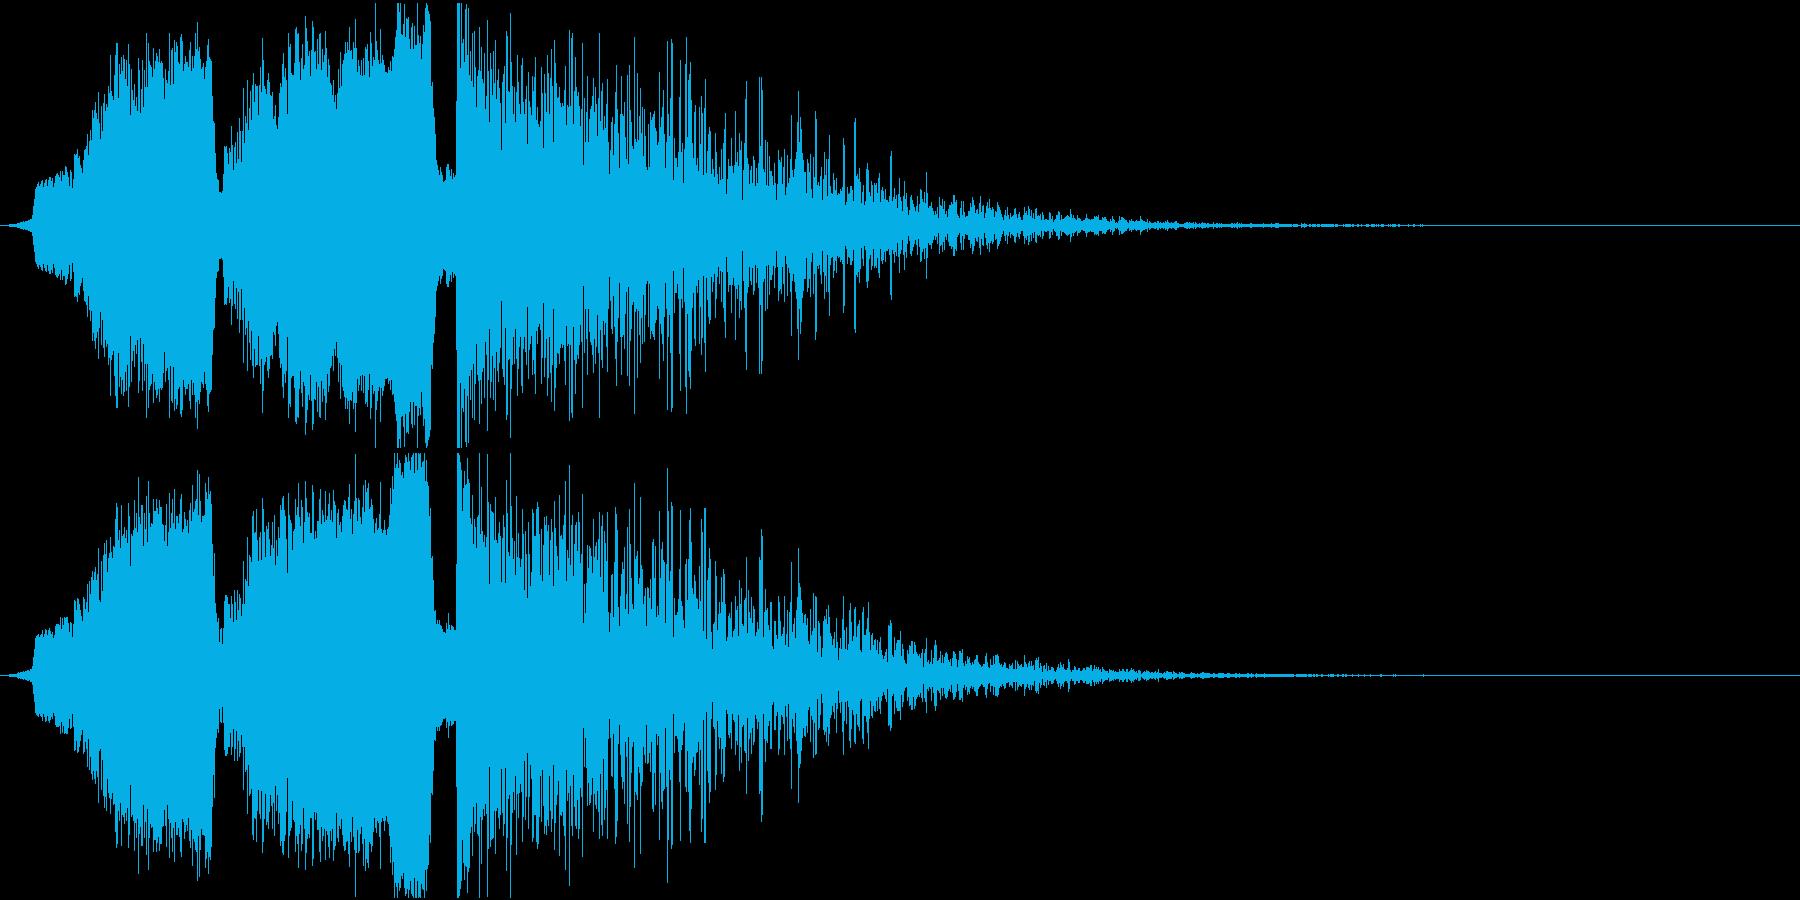 シュインシュインドーン 爆発音の再生済みの波形